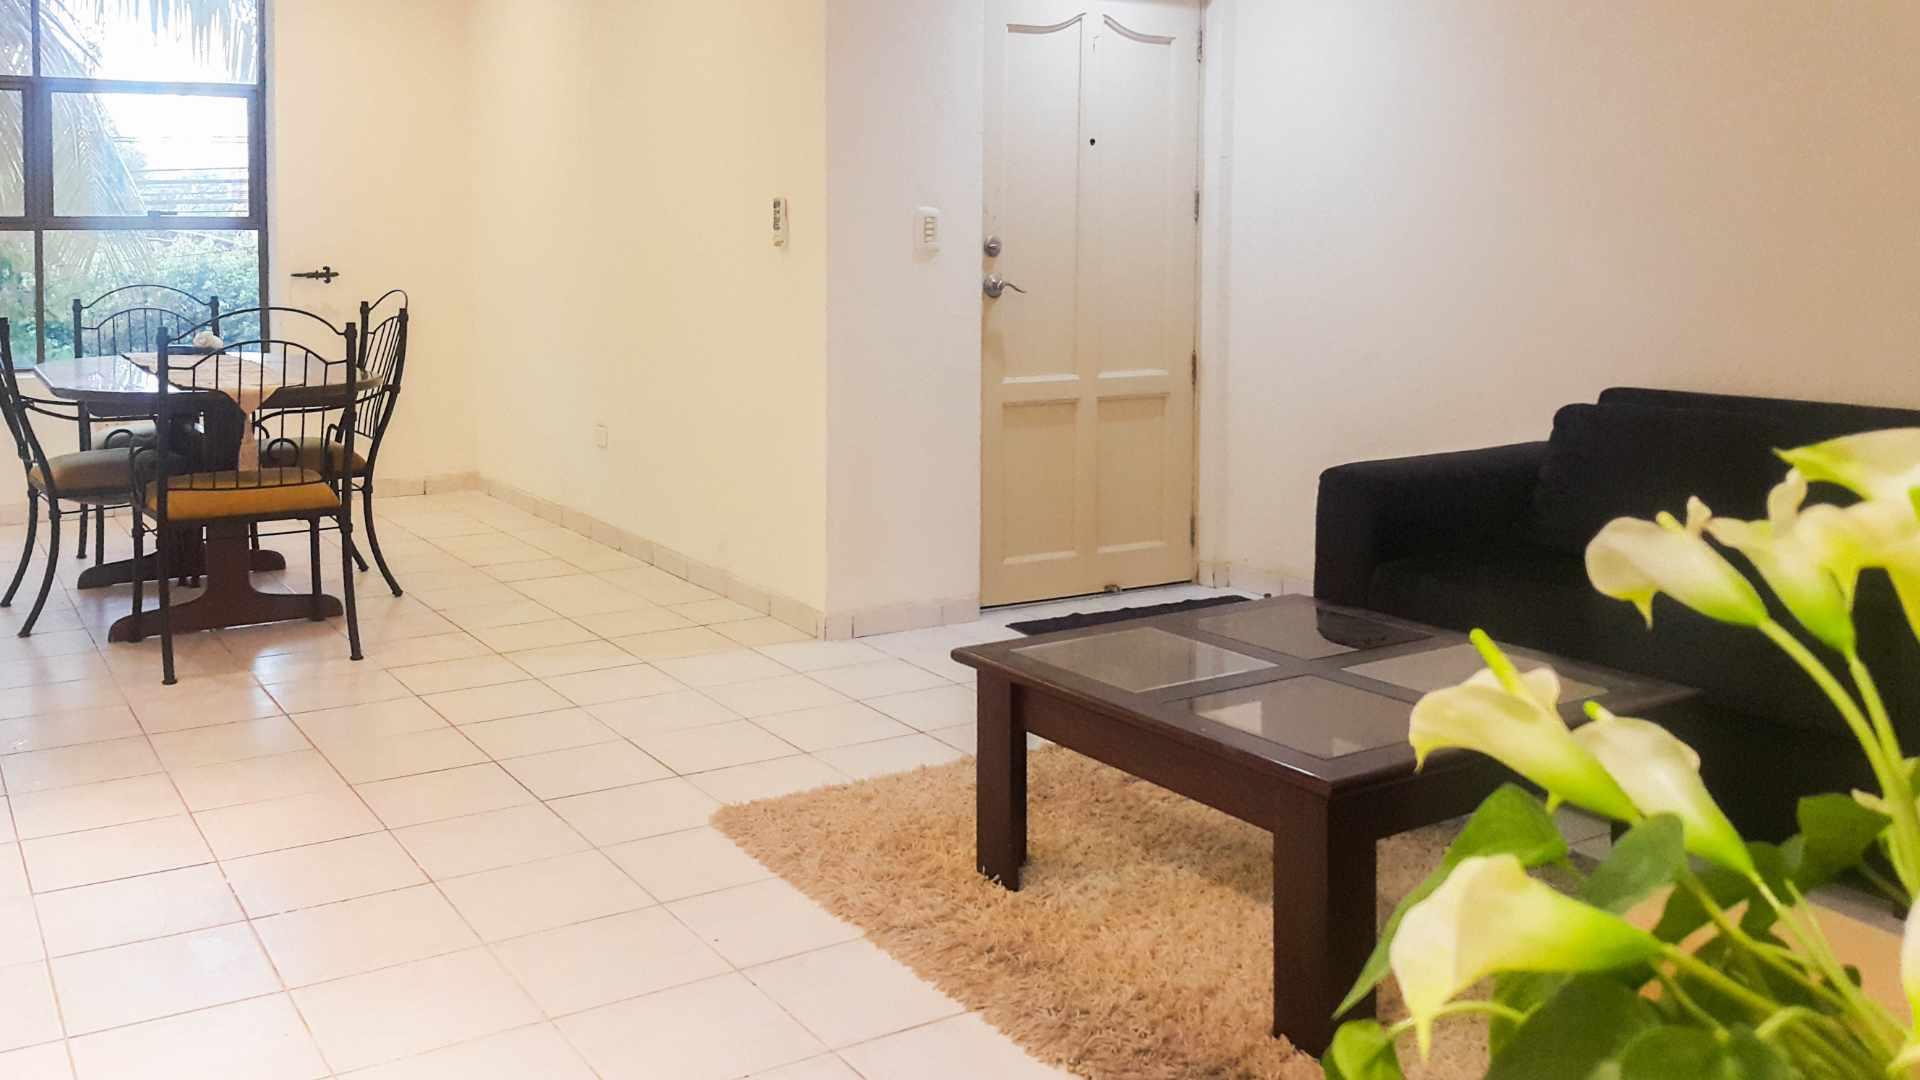 Departamento en Alquiler Hotel Buganvillas alquilo departamento amoblado Foto 8